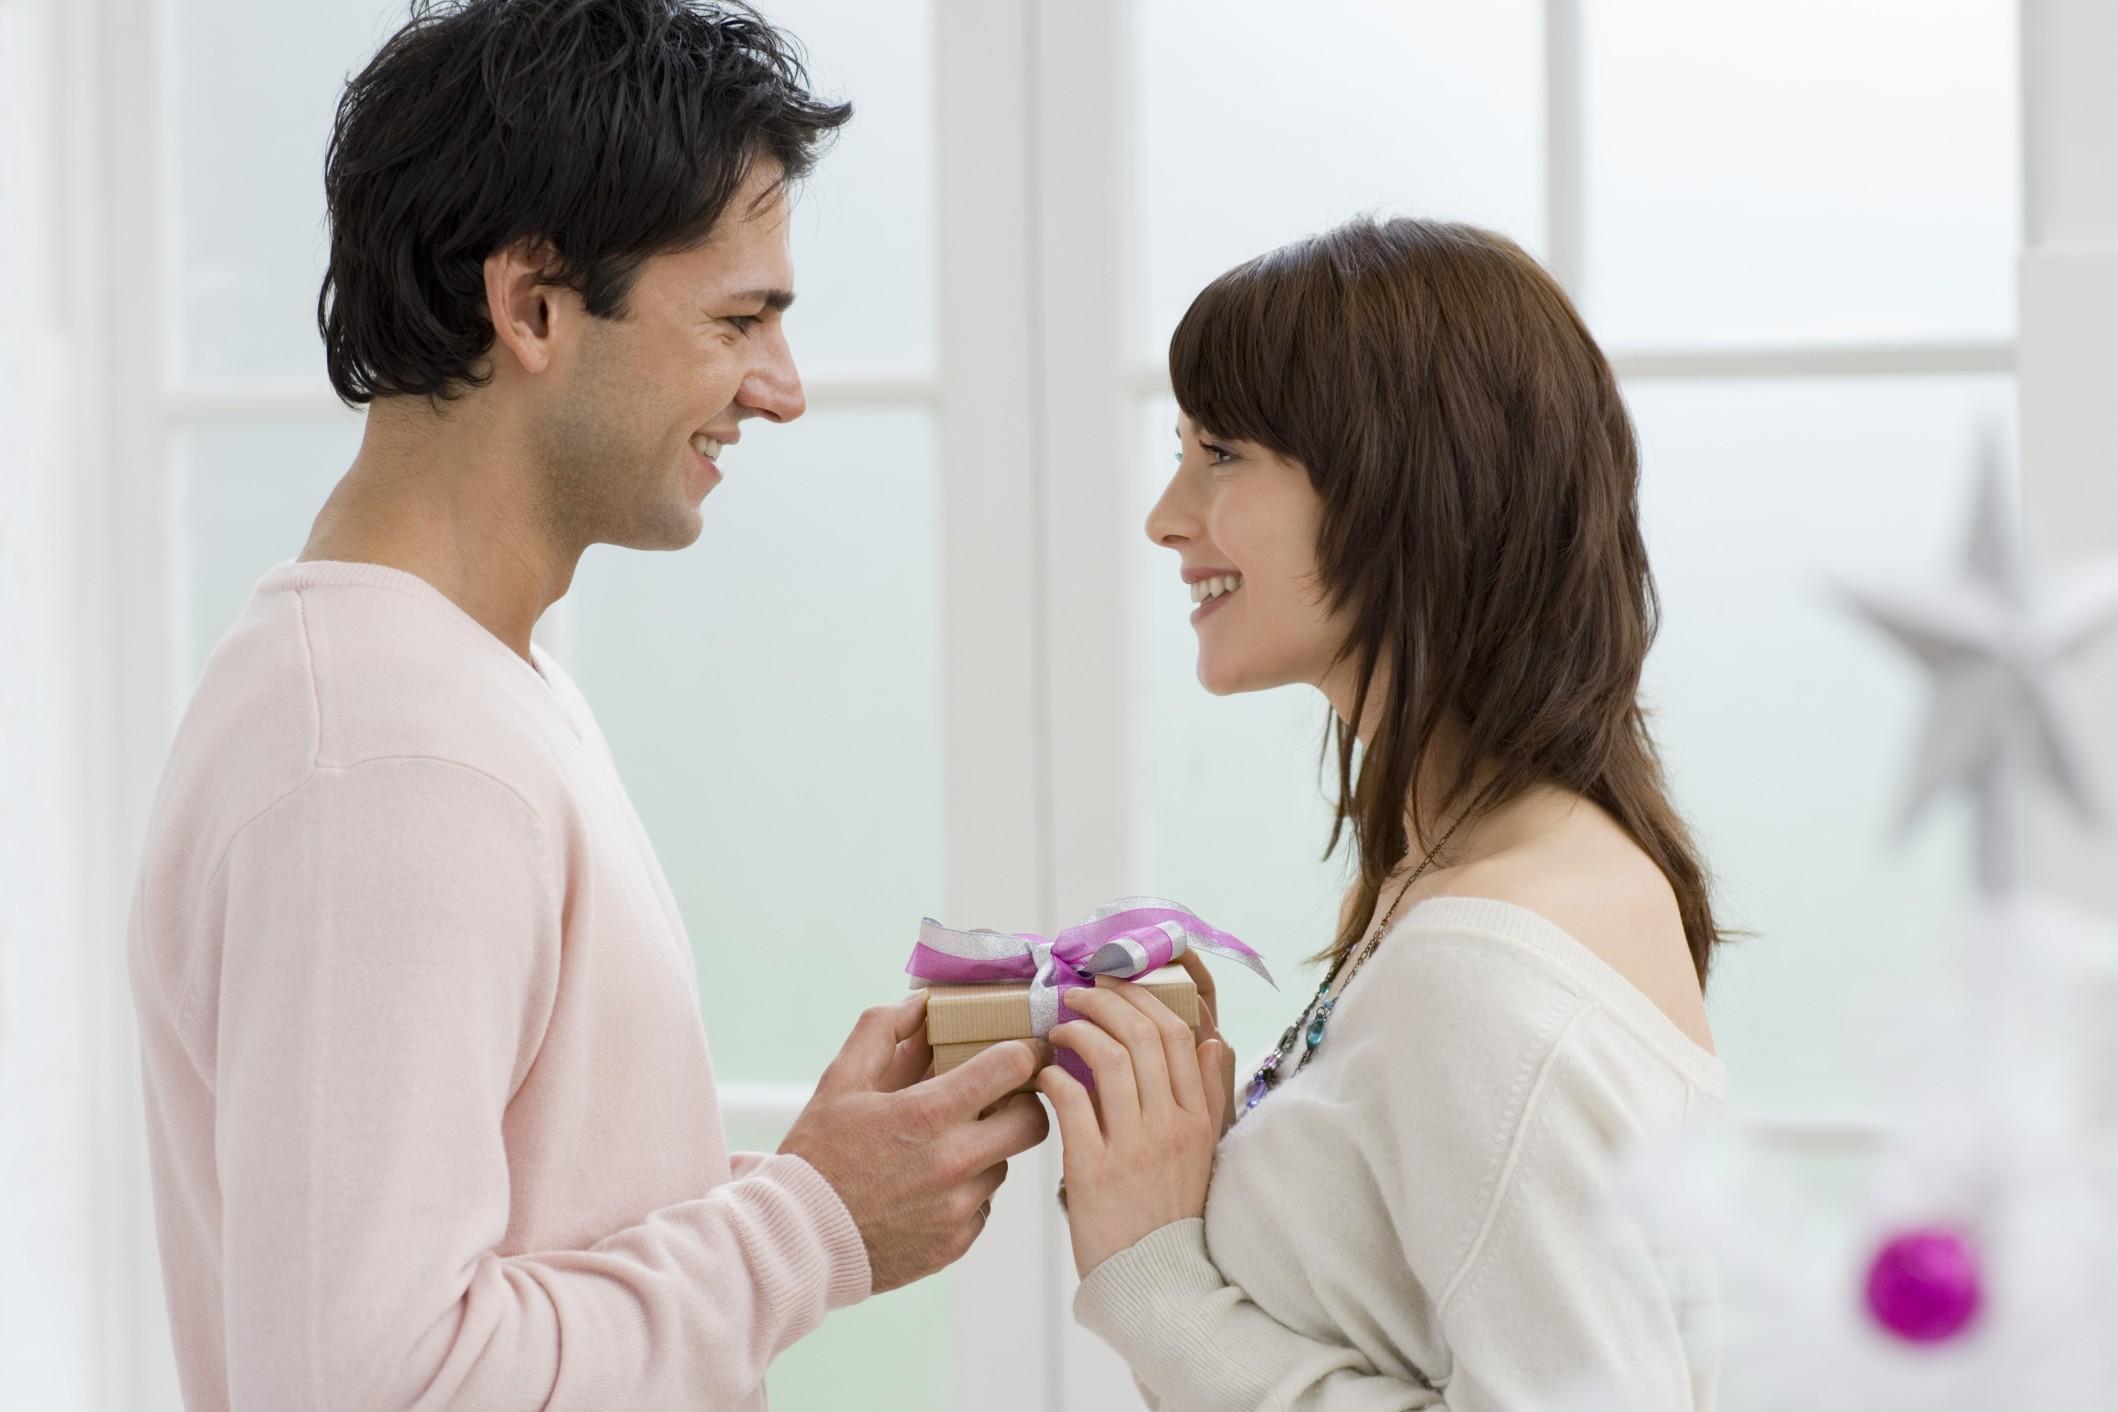 regali-per-donne-che-amano-la-cultura